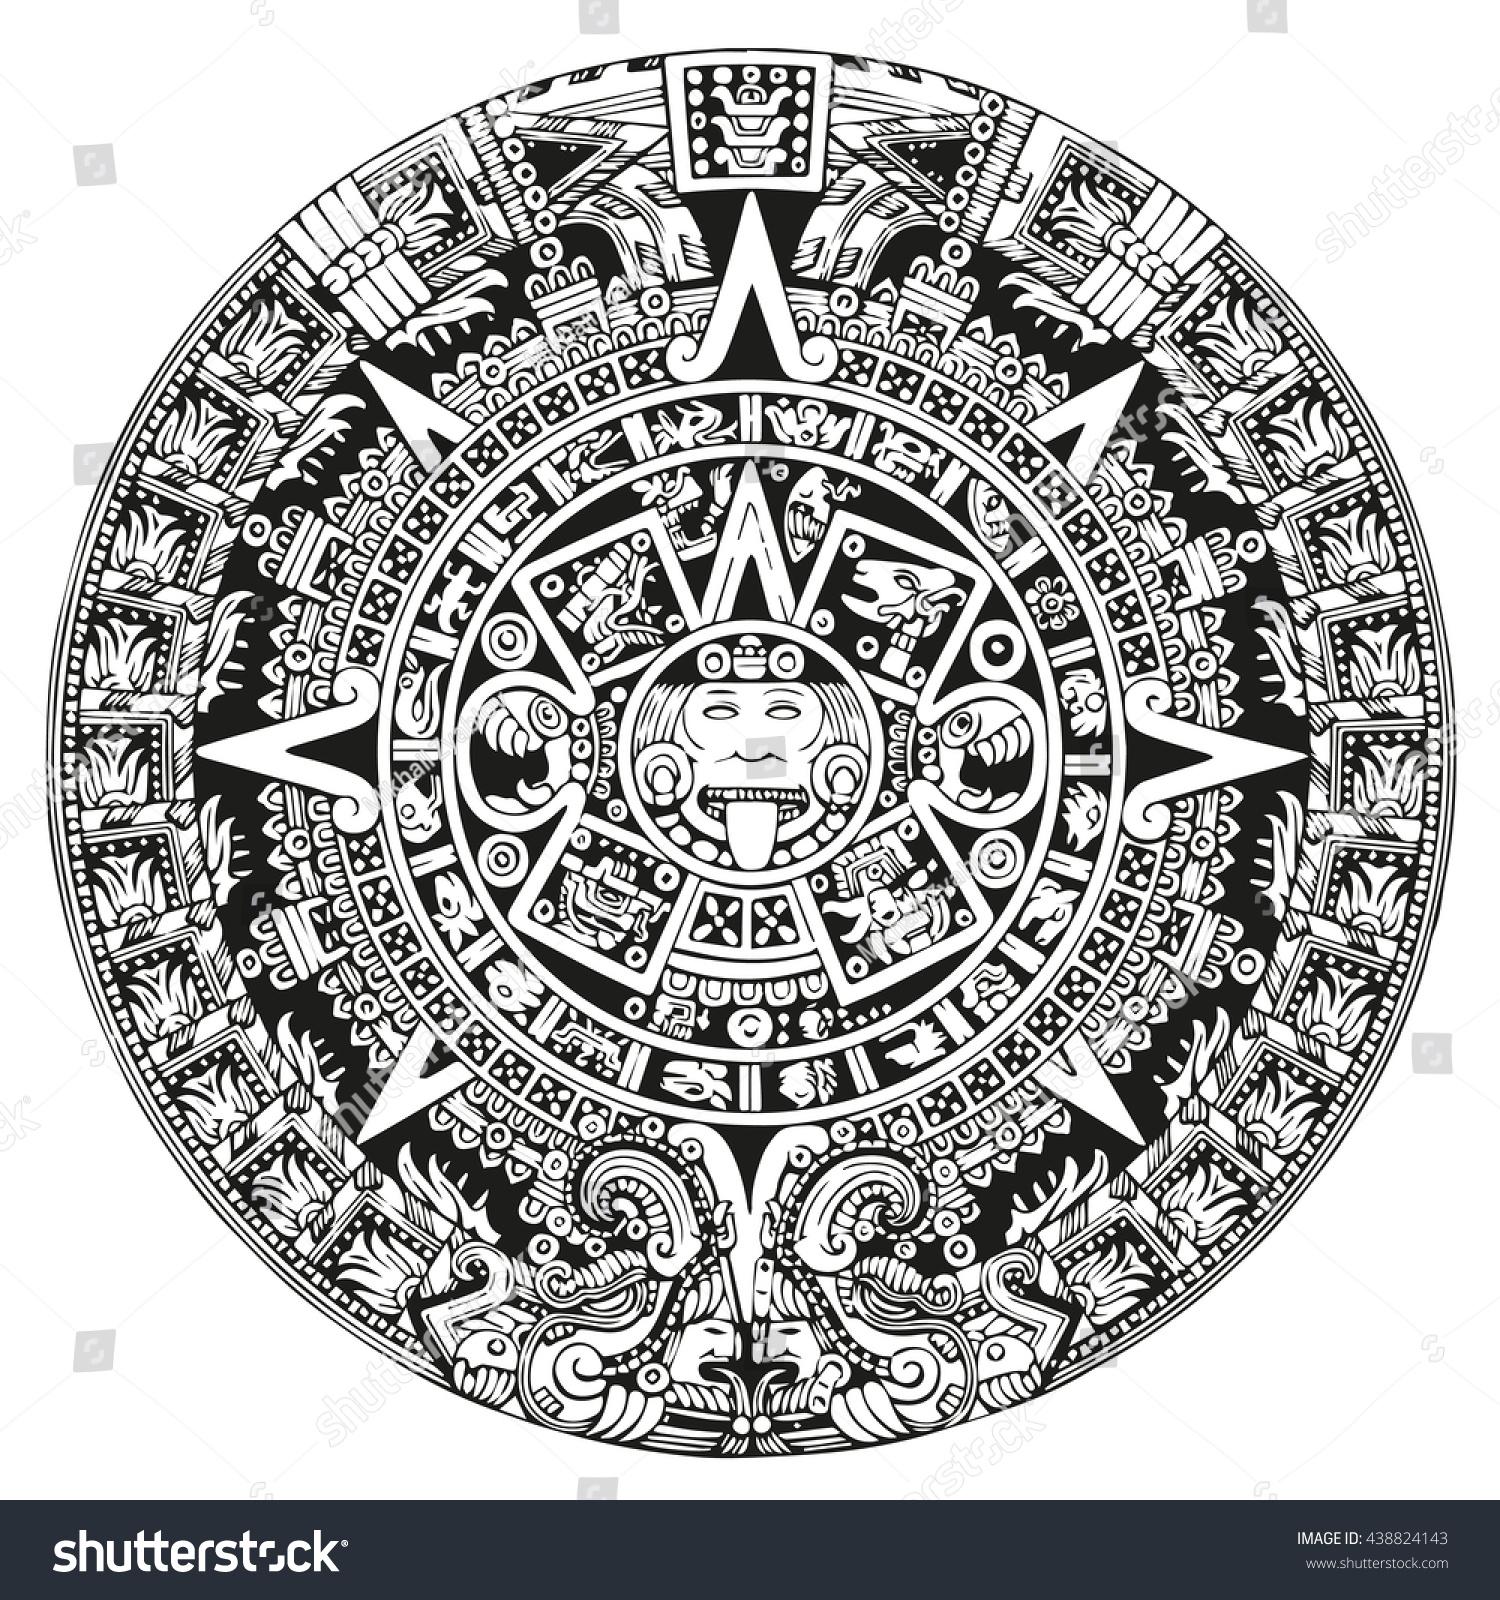 mayan symbols calendar stock illustration 438824143 shutterstock